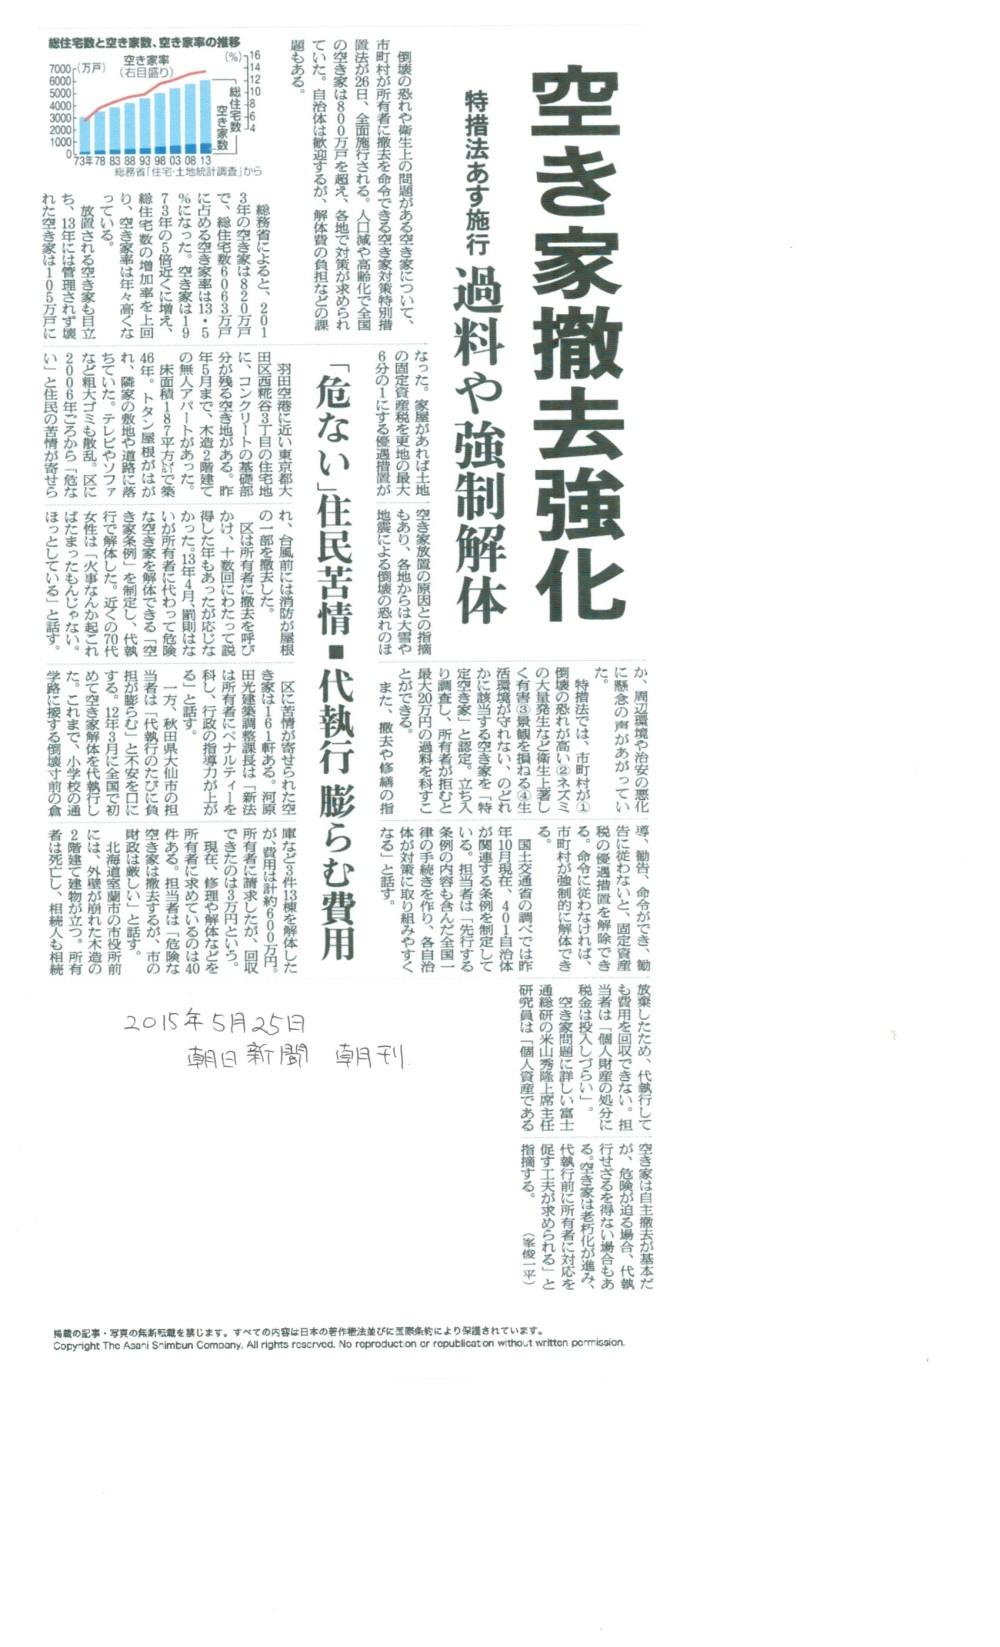 20150525朝日新聞朝刊